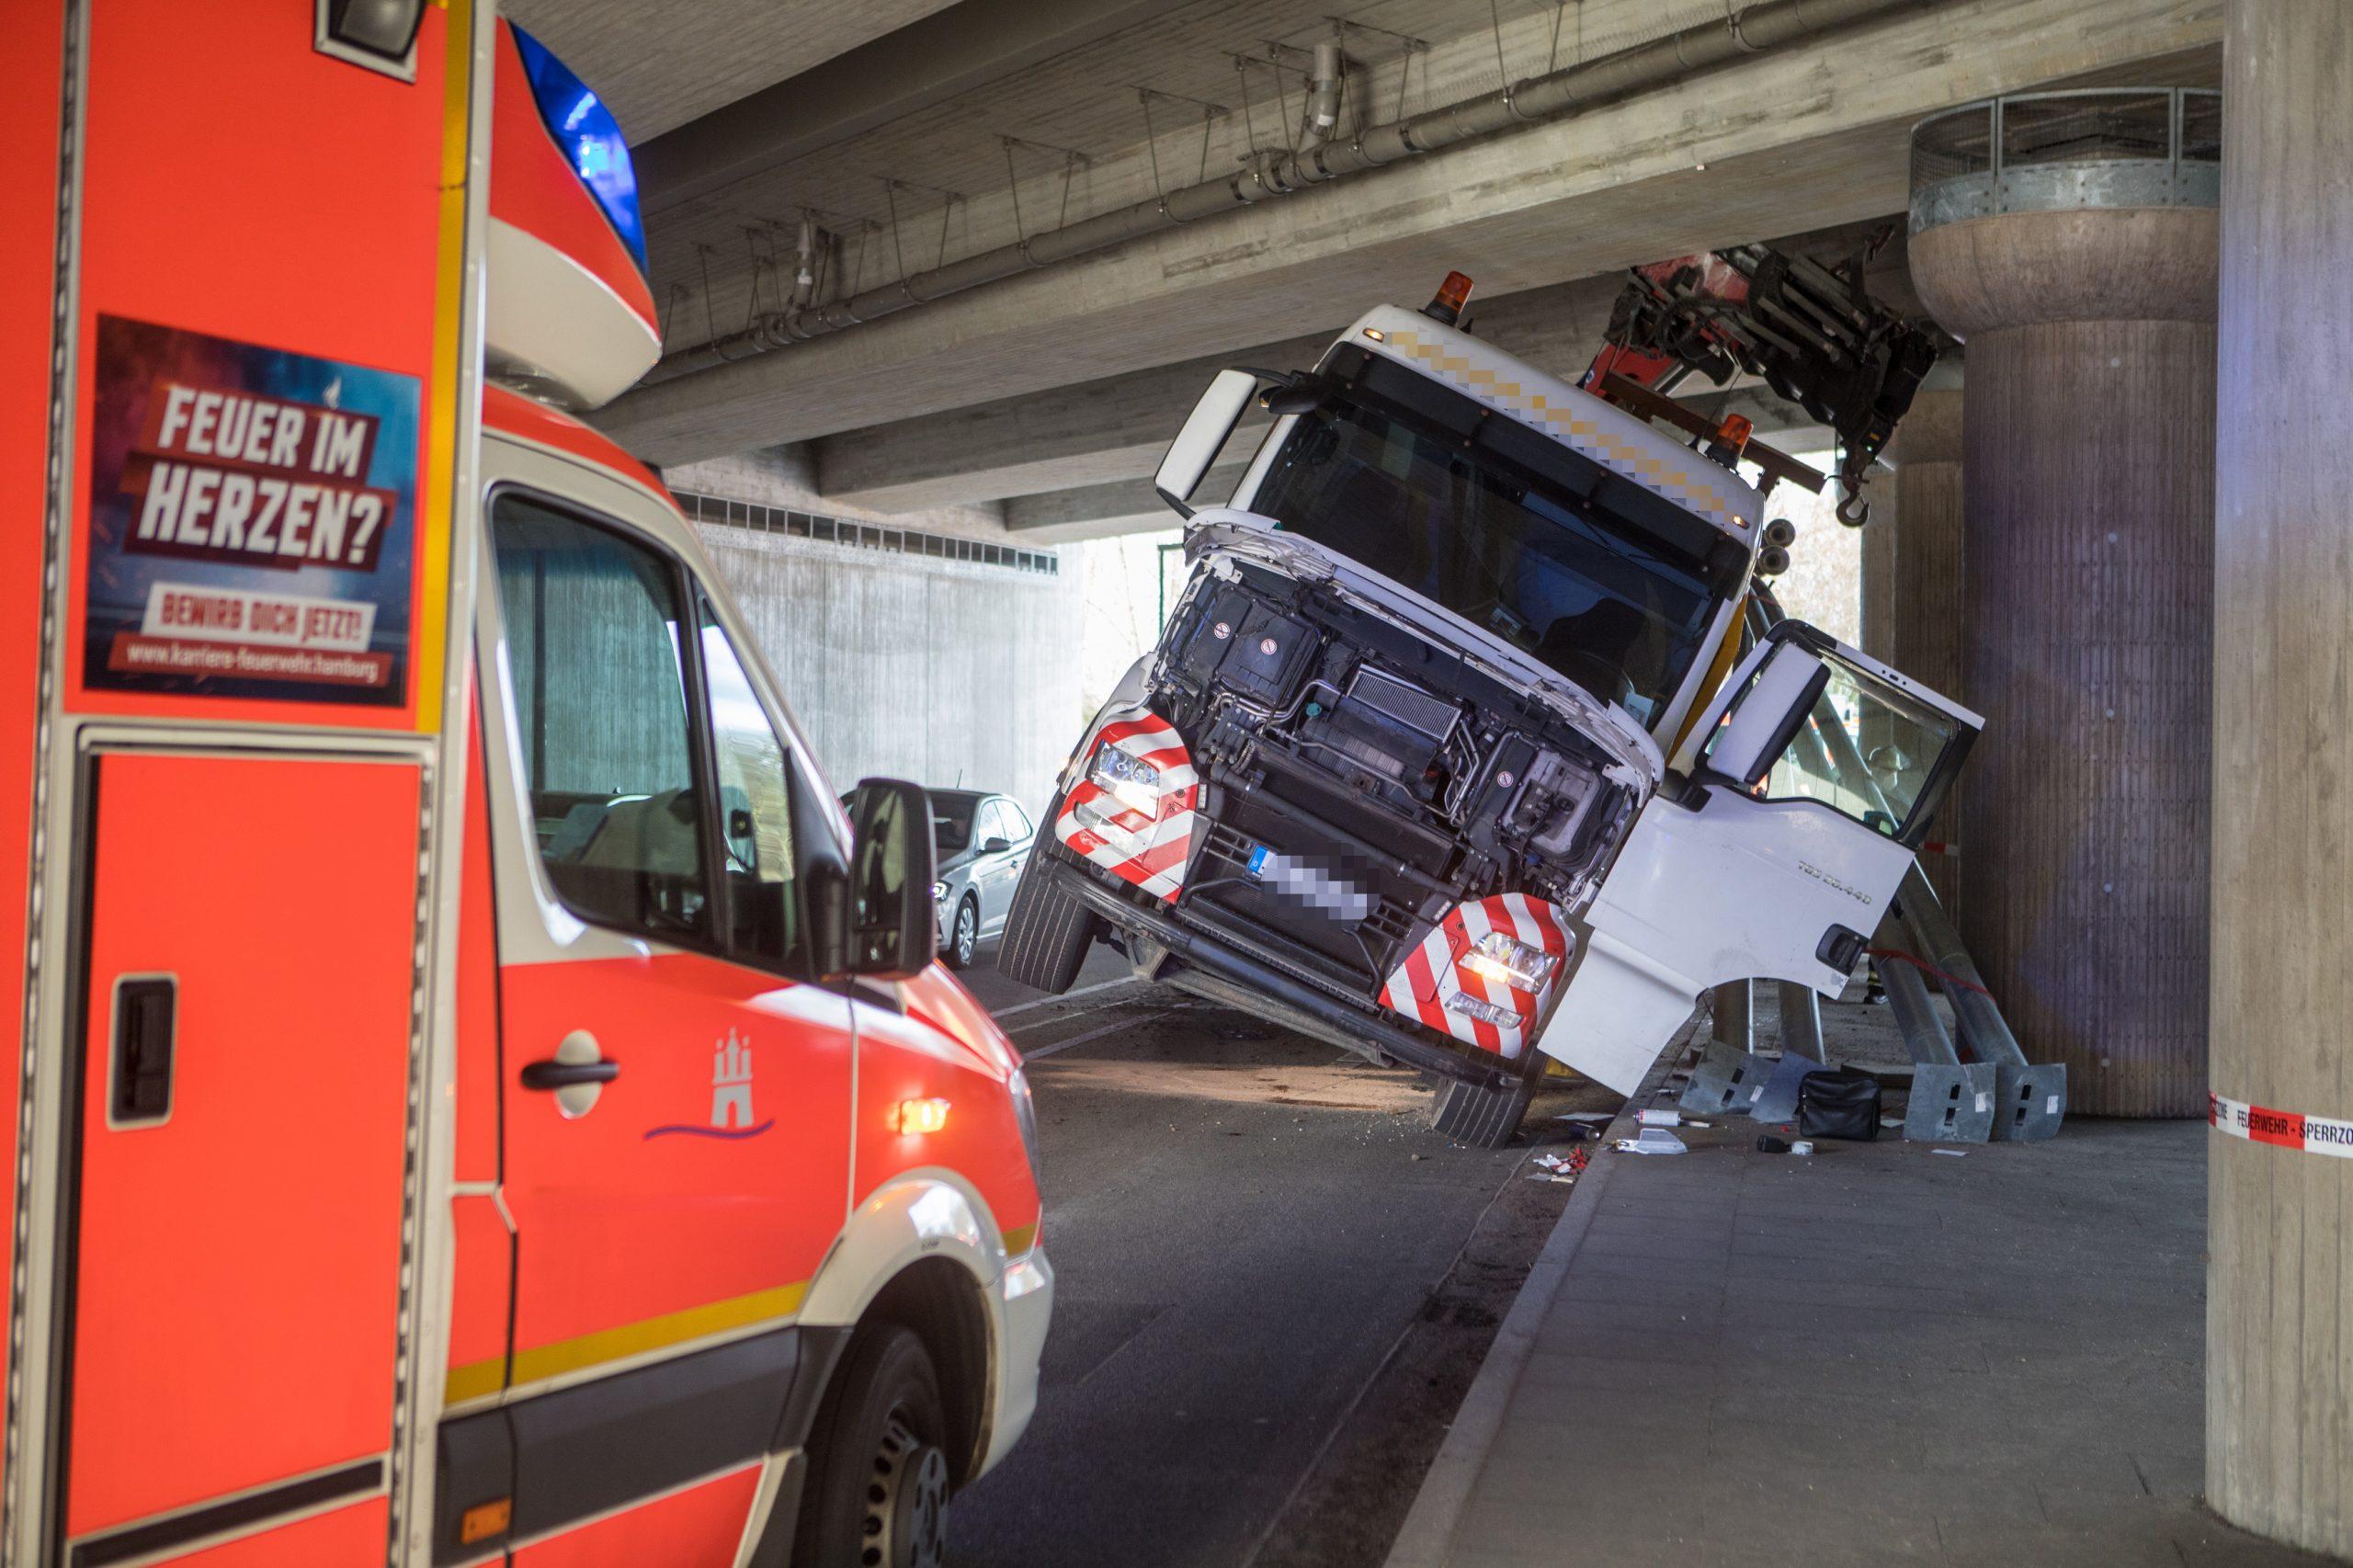 Brummi-verkeilt-sich-unter-Autobahnbr-cke-LKW-Fahrer-verletzt-